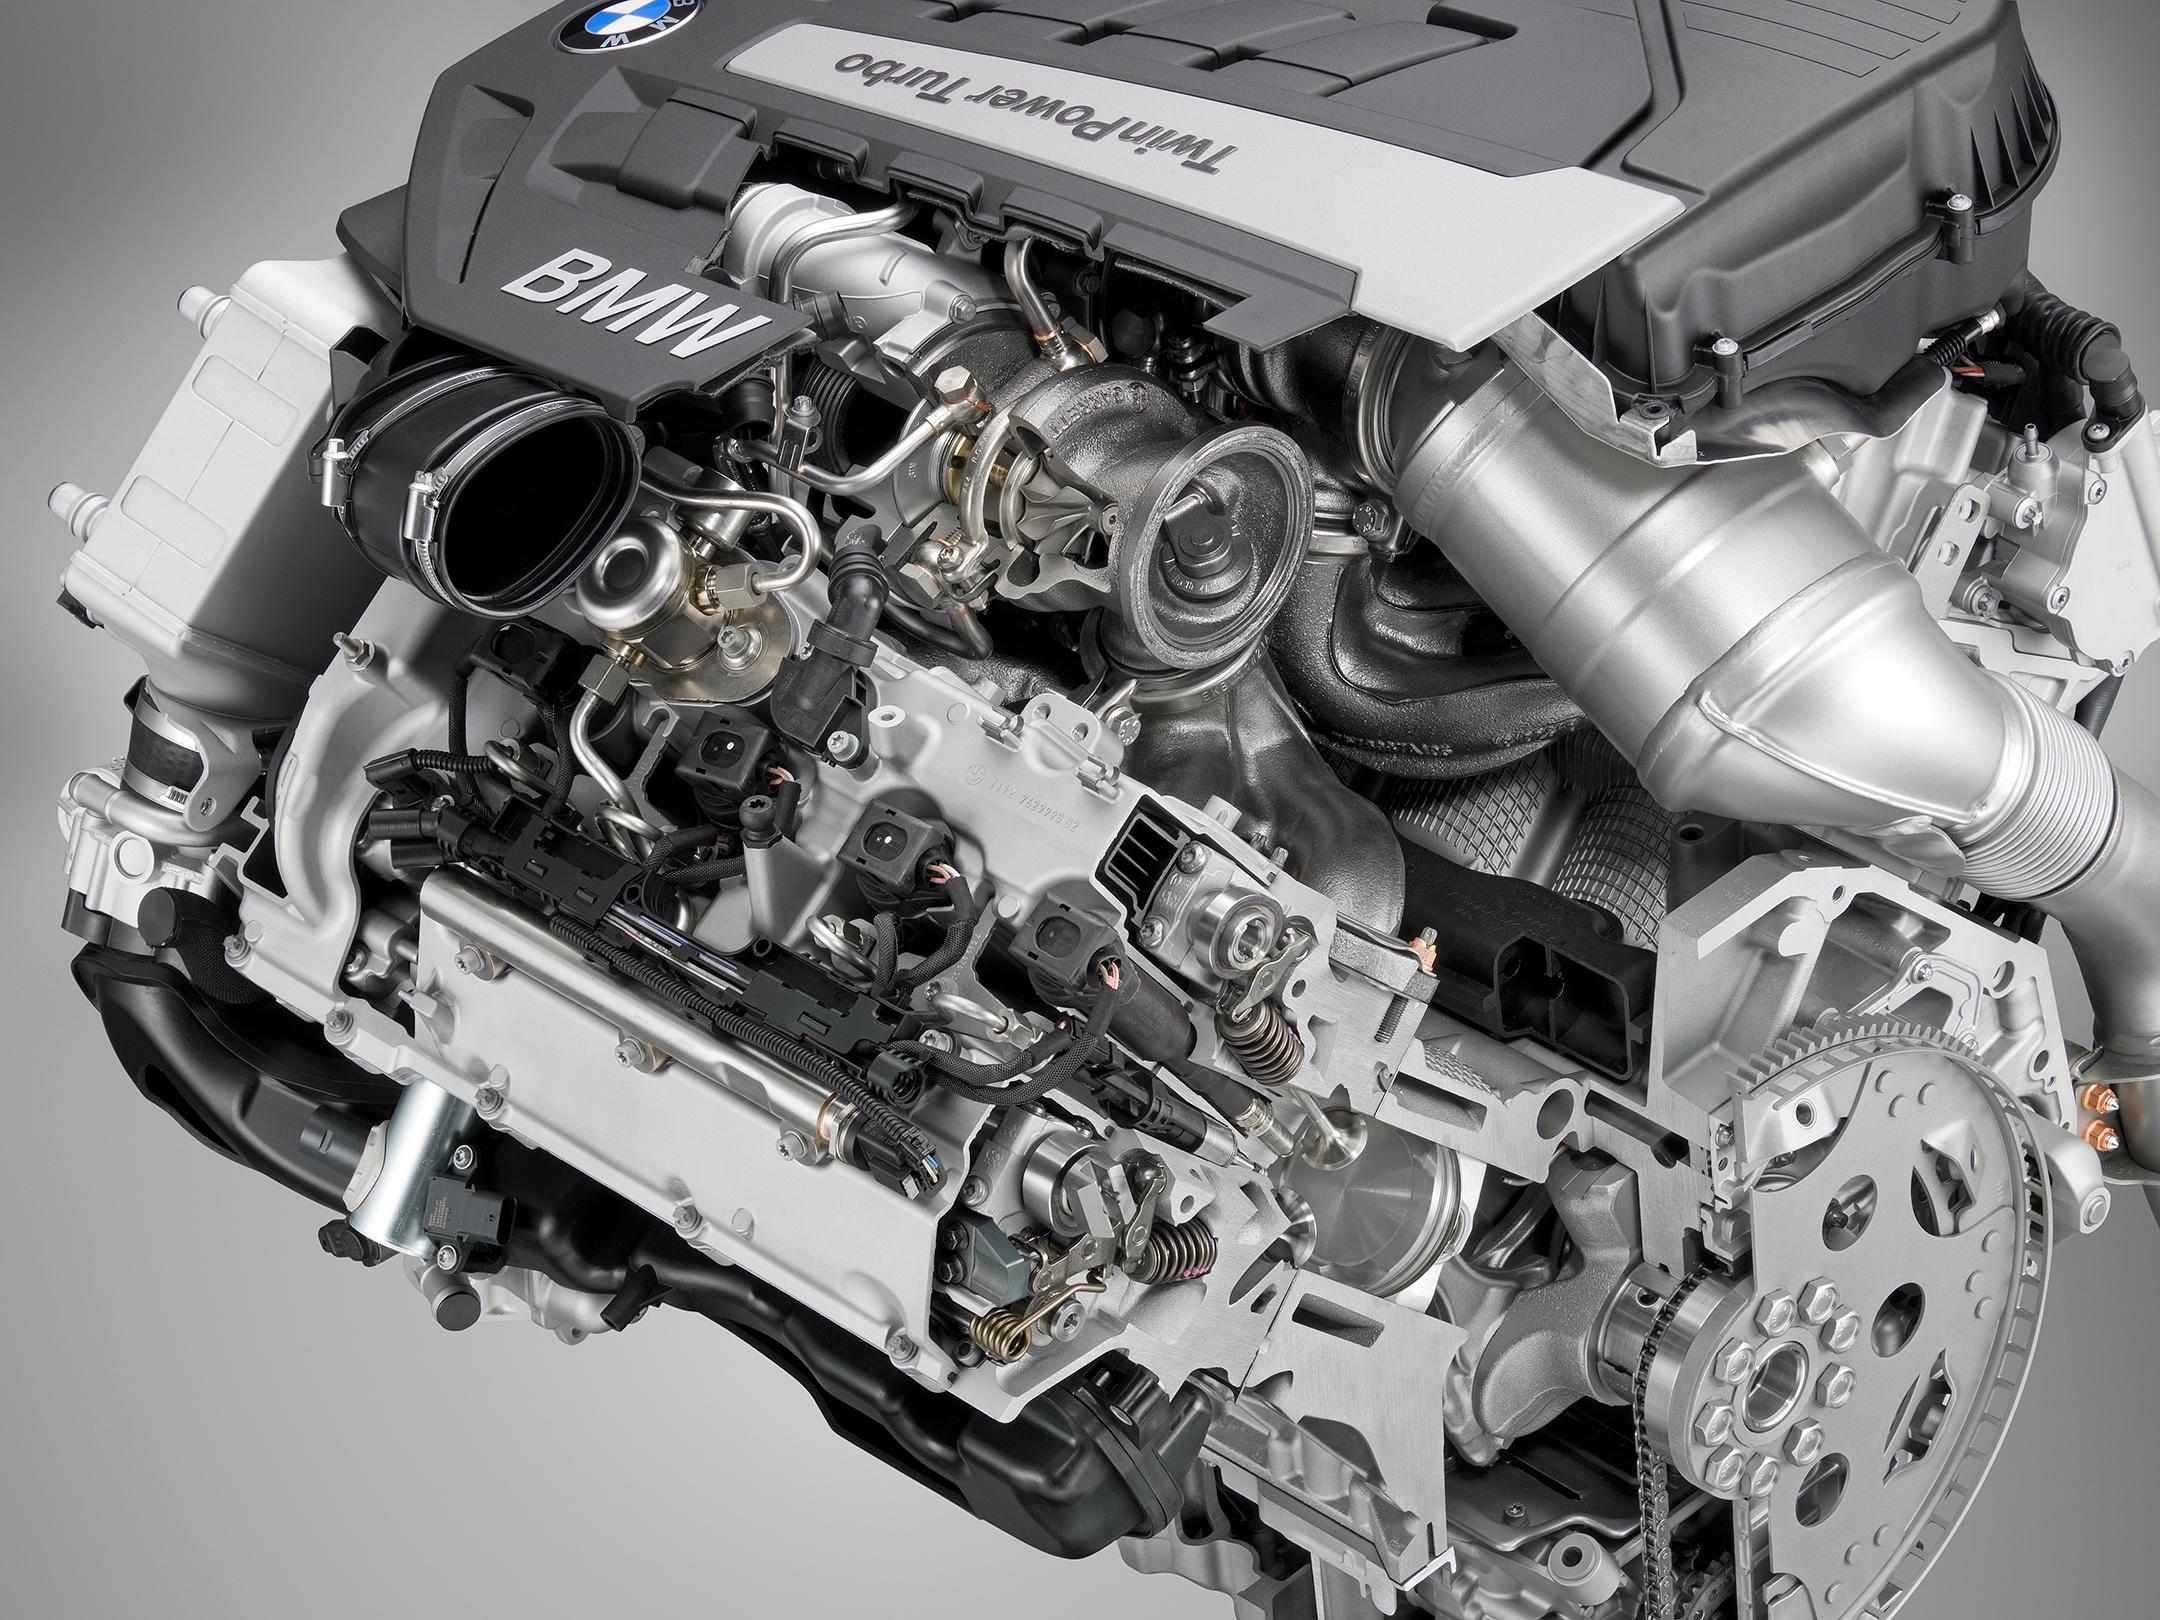 BMW Twinpower turbo - V8 - engine inside